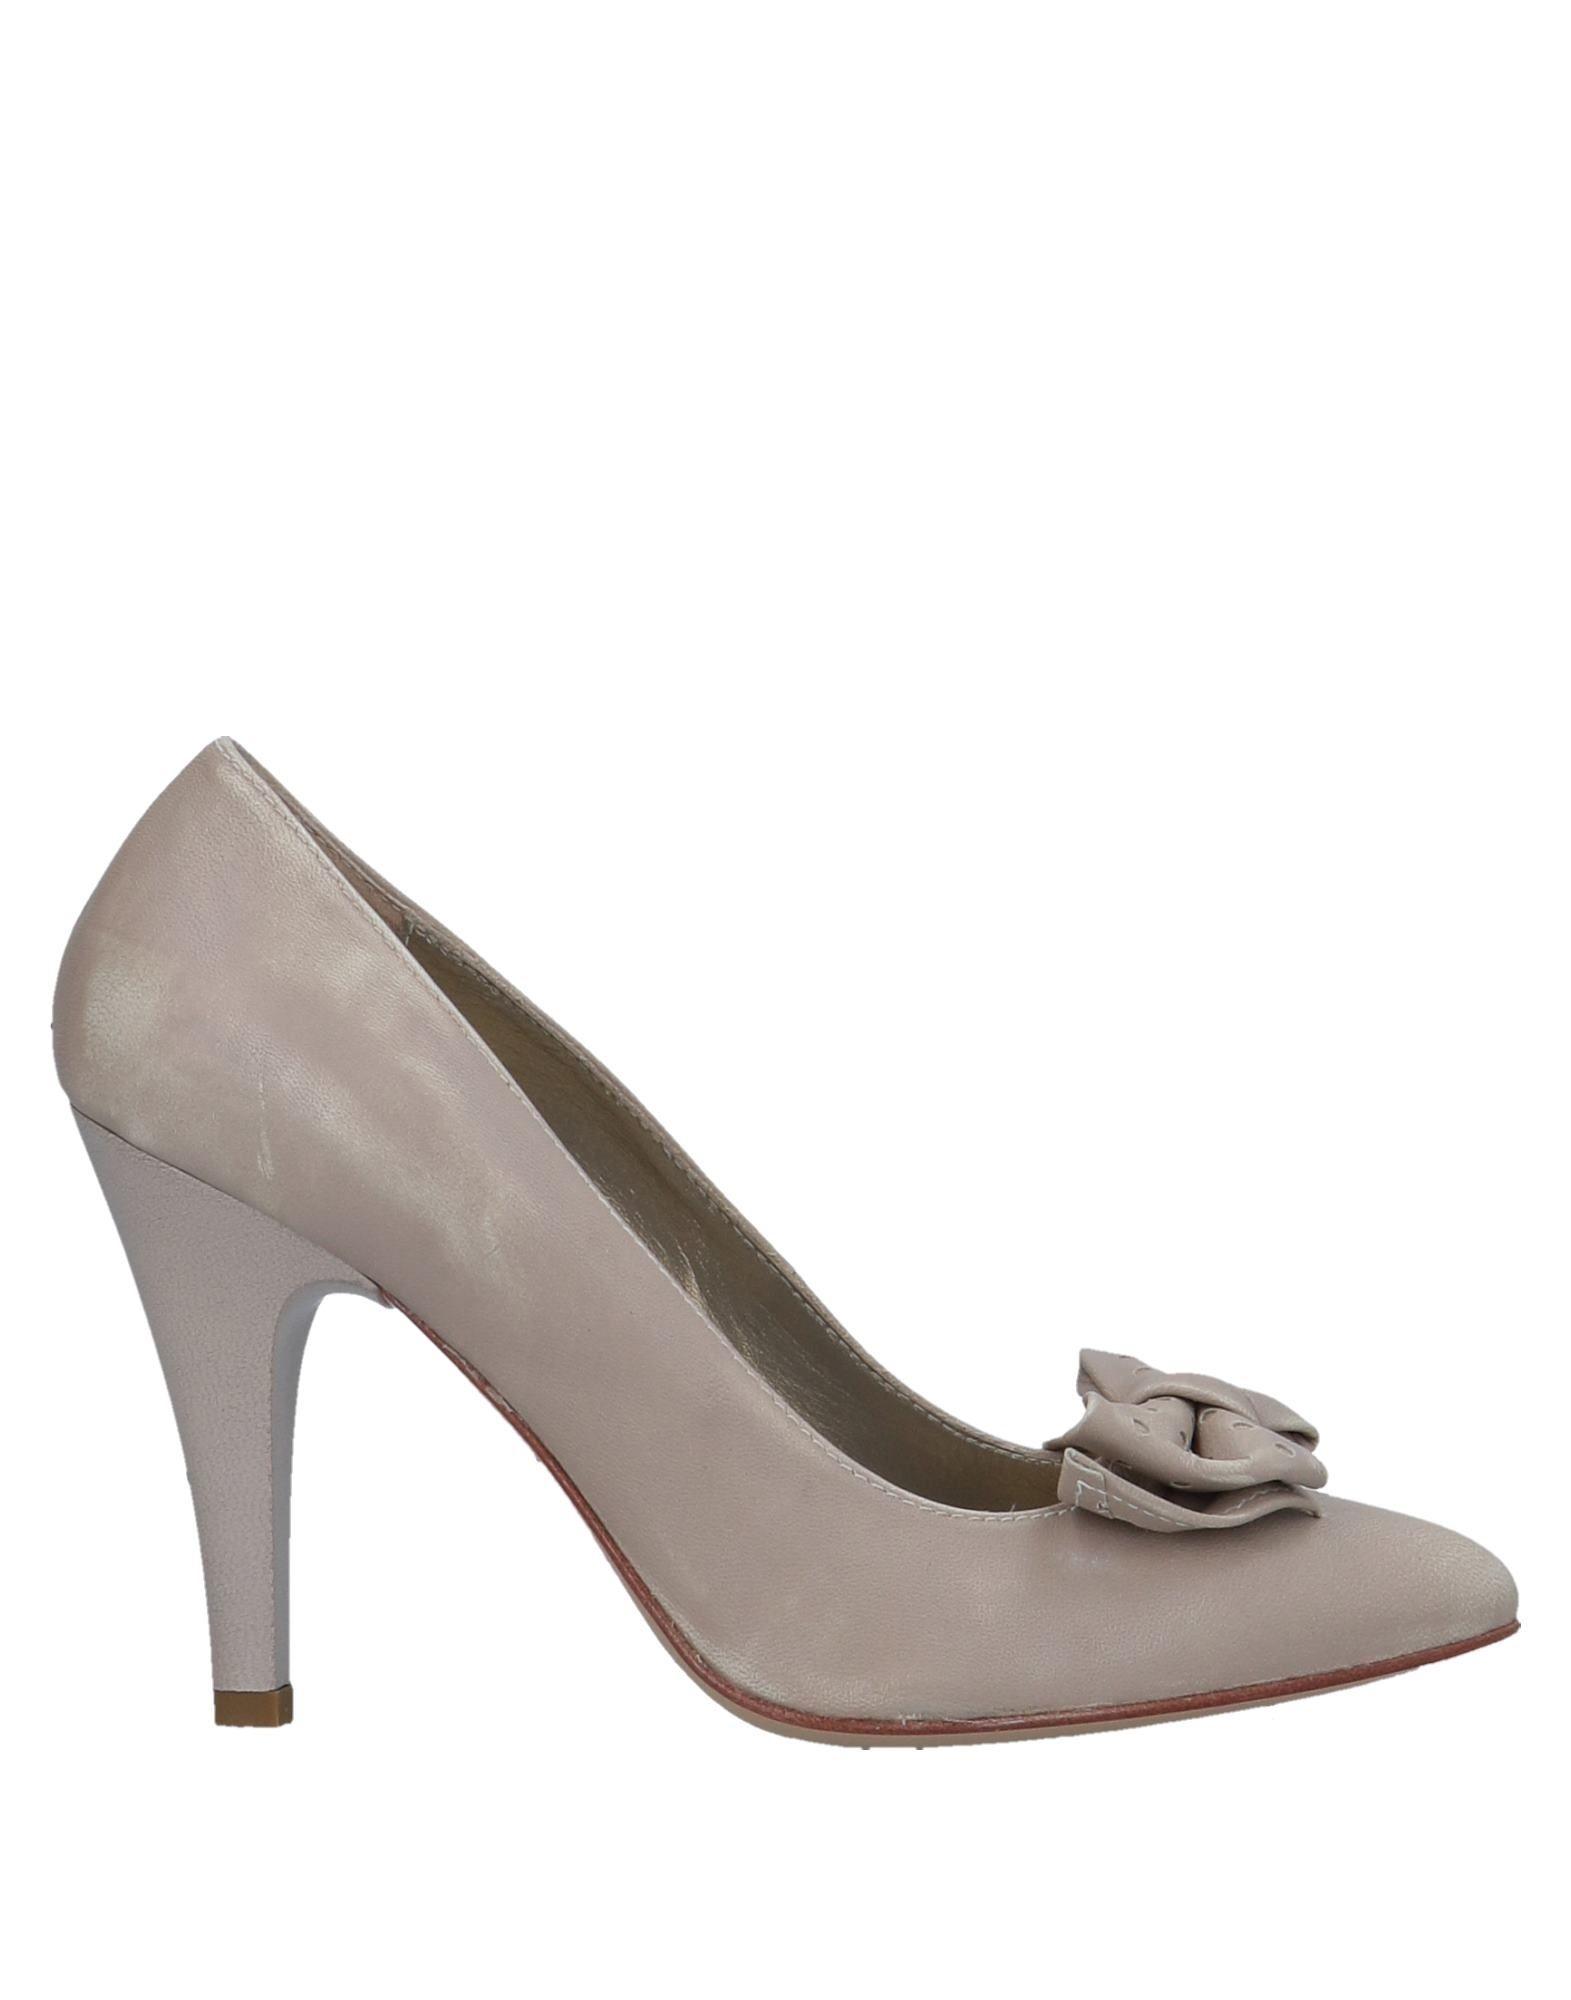 Nero Giardini Pumps Damen  11537691GR Gute Qualität beliebte Schuhe